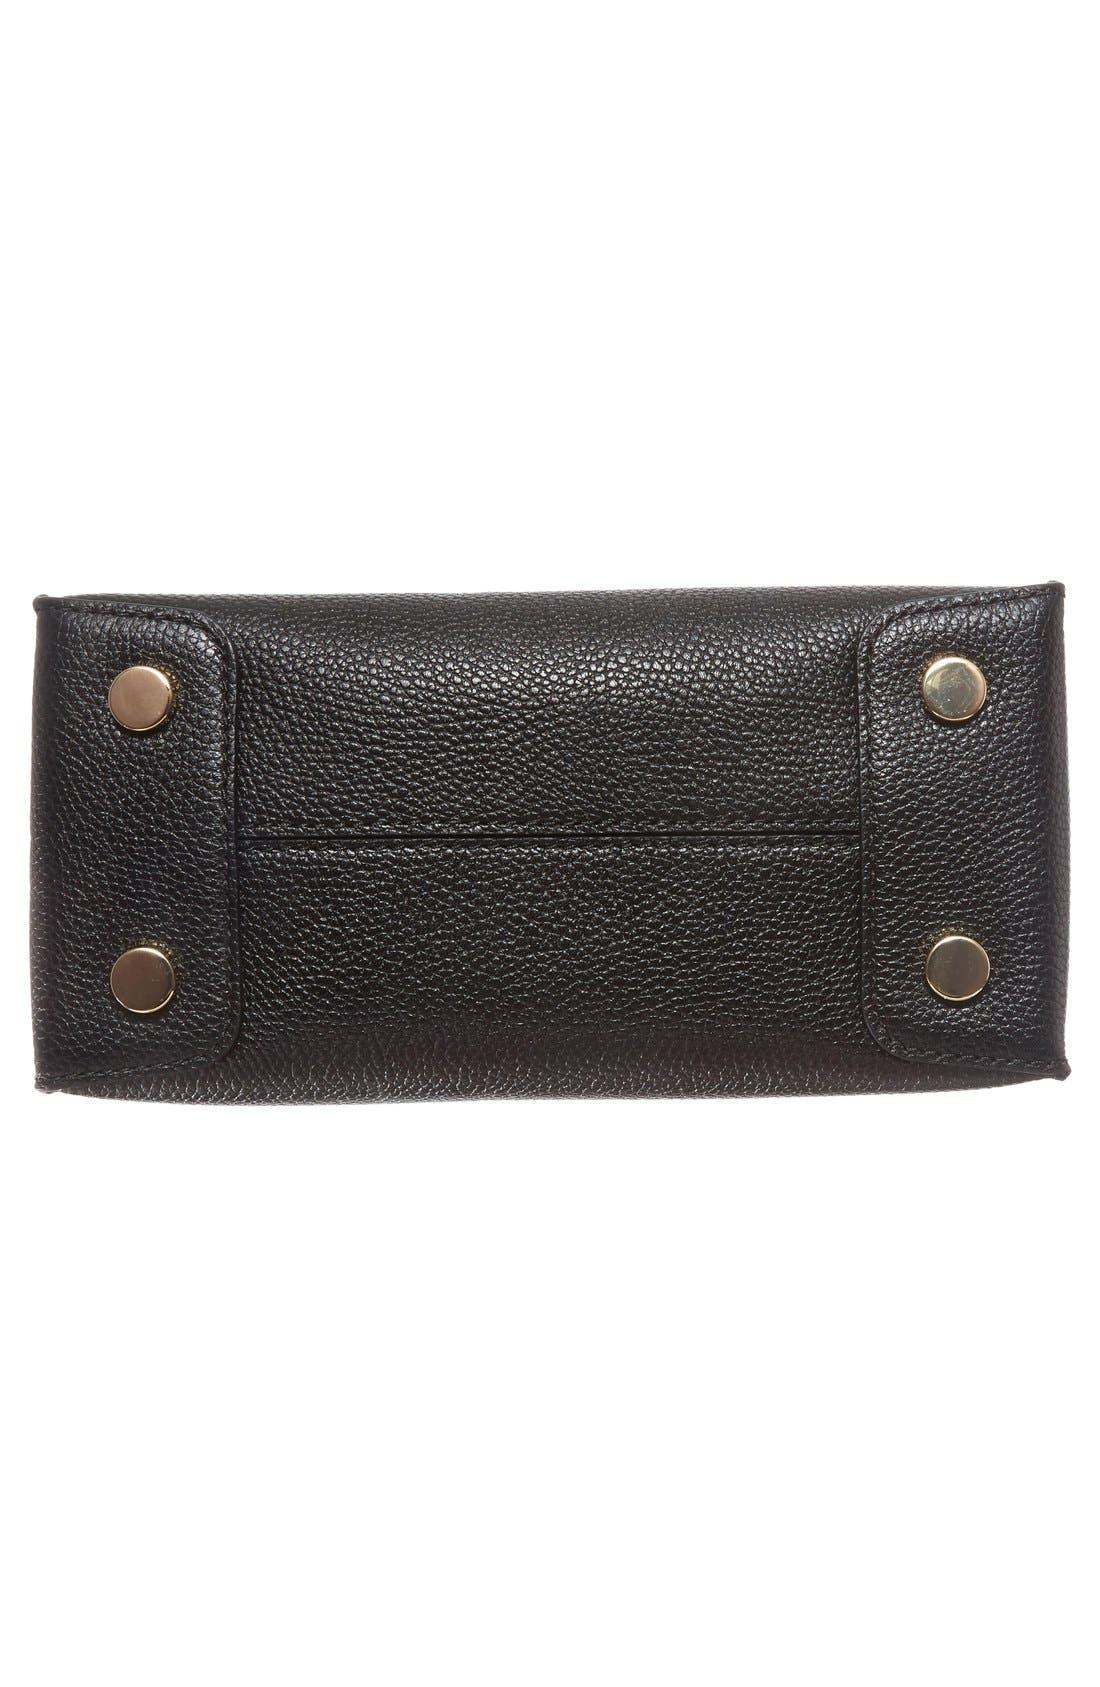 Mercer Leather Crossbody Bag,                             Alternate thumbnail 6, color,                             Black/ Gold